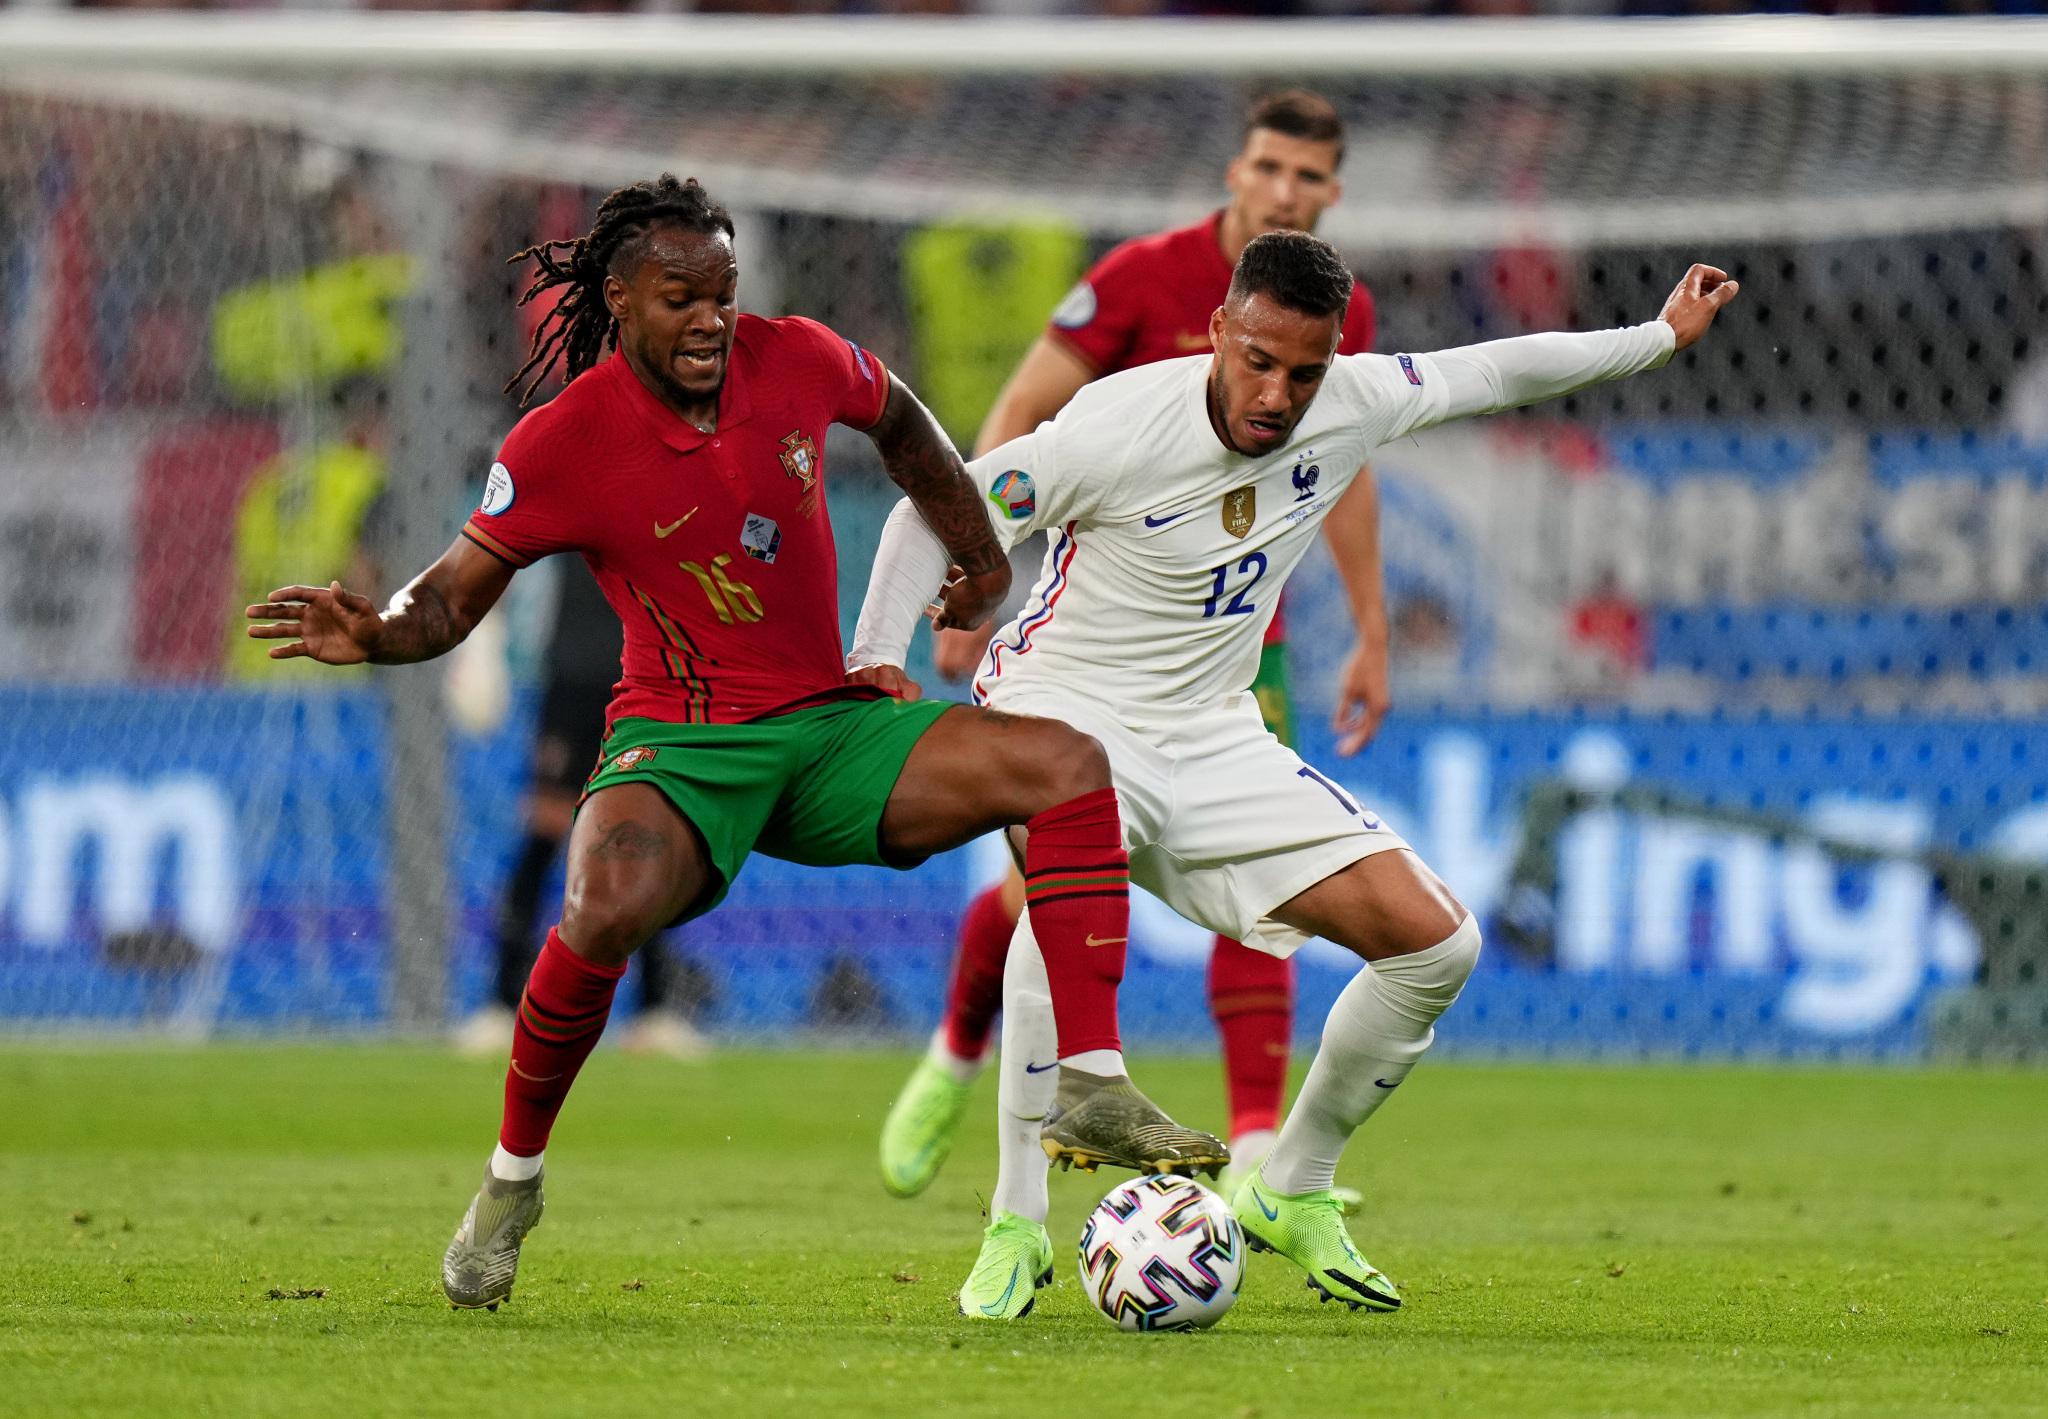 Футбол. ЕВРО-2020. Сборная Португалии-Сборная Франции